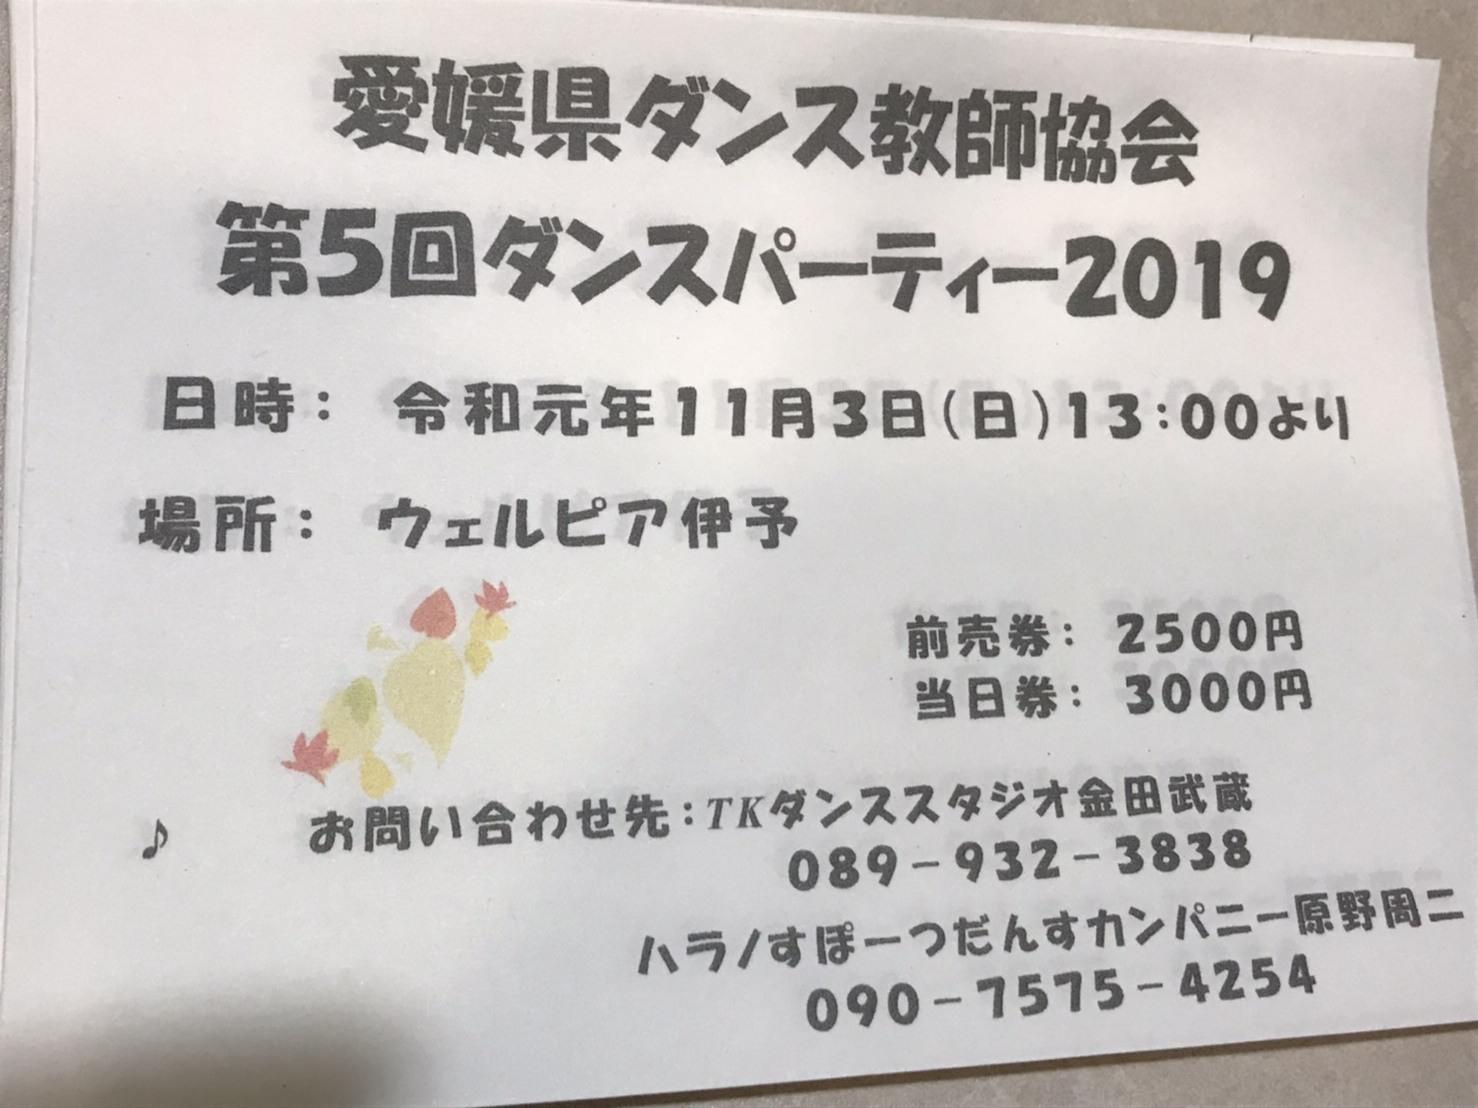 愛媛県教師協会第5回ダンスパーティ2019_f0176244_16350036.jpg